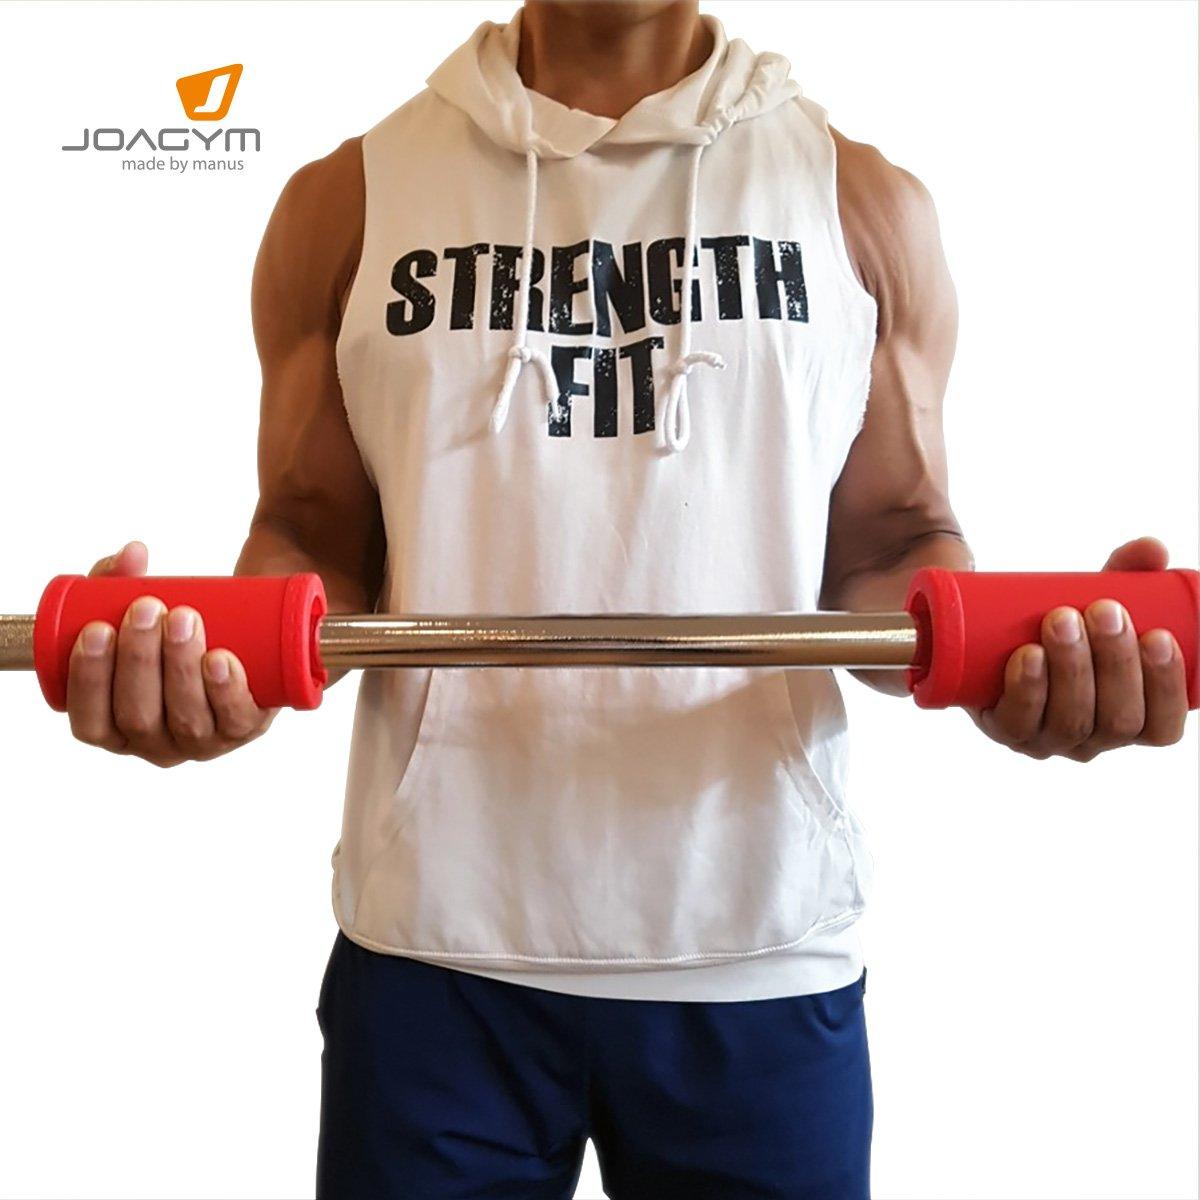 tr/íceps y pecho m/ás grandes Joagym Manus Grip b/íceps Grips gruesos mancuernas o manillar de bar para aumentar el crecimiento muscular Obt/én antebrazos mancuernas dar cualquier barra